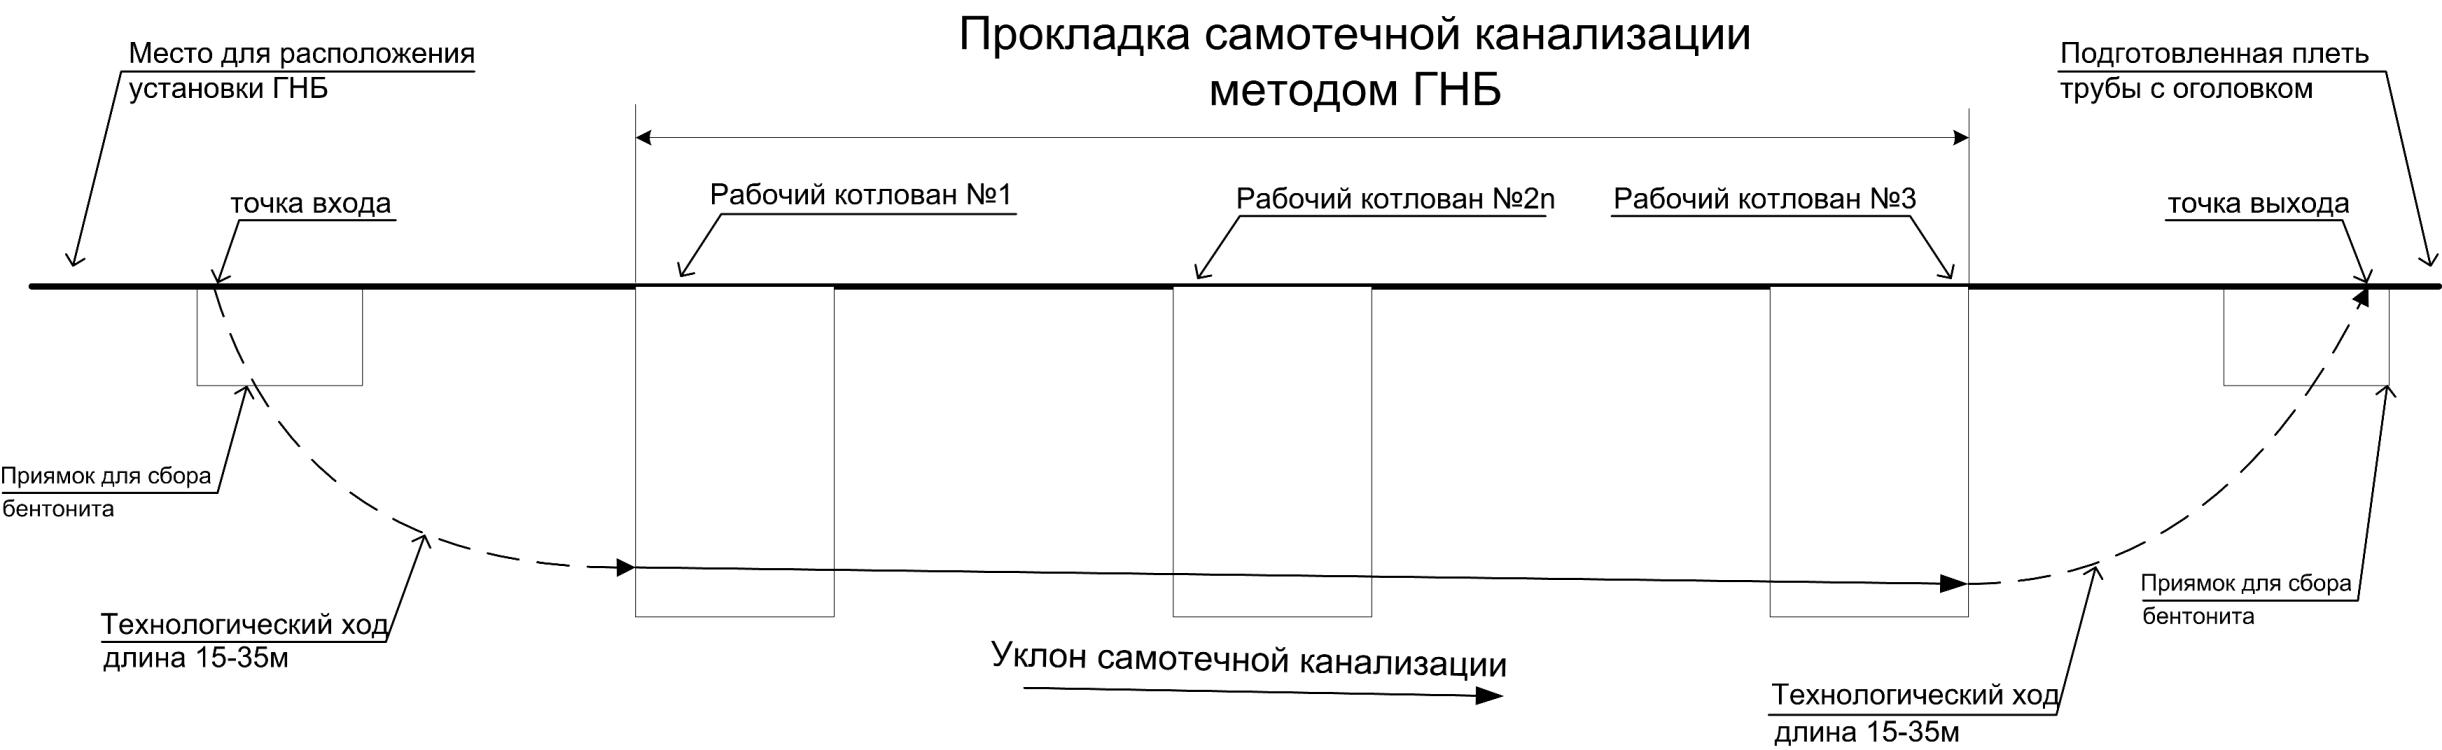 http://xn----9sbfcuf5afgct2a.xn--p1ai/images/upload/samotek_gnb-2.jpg